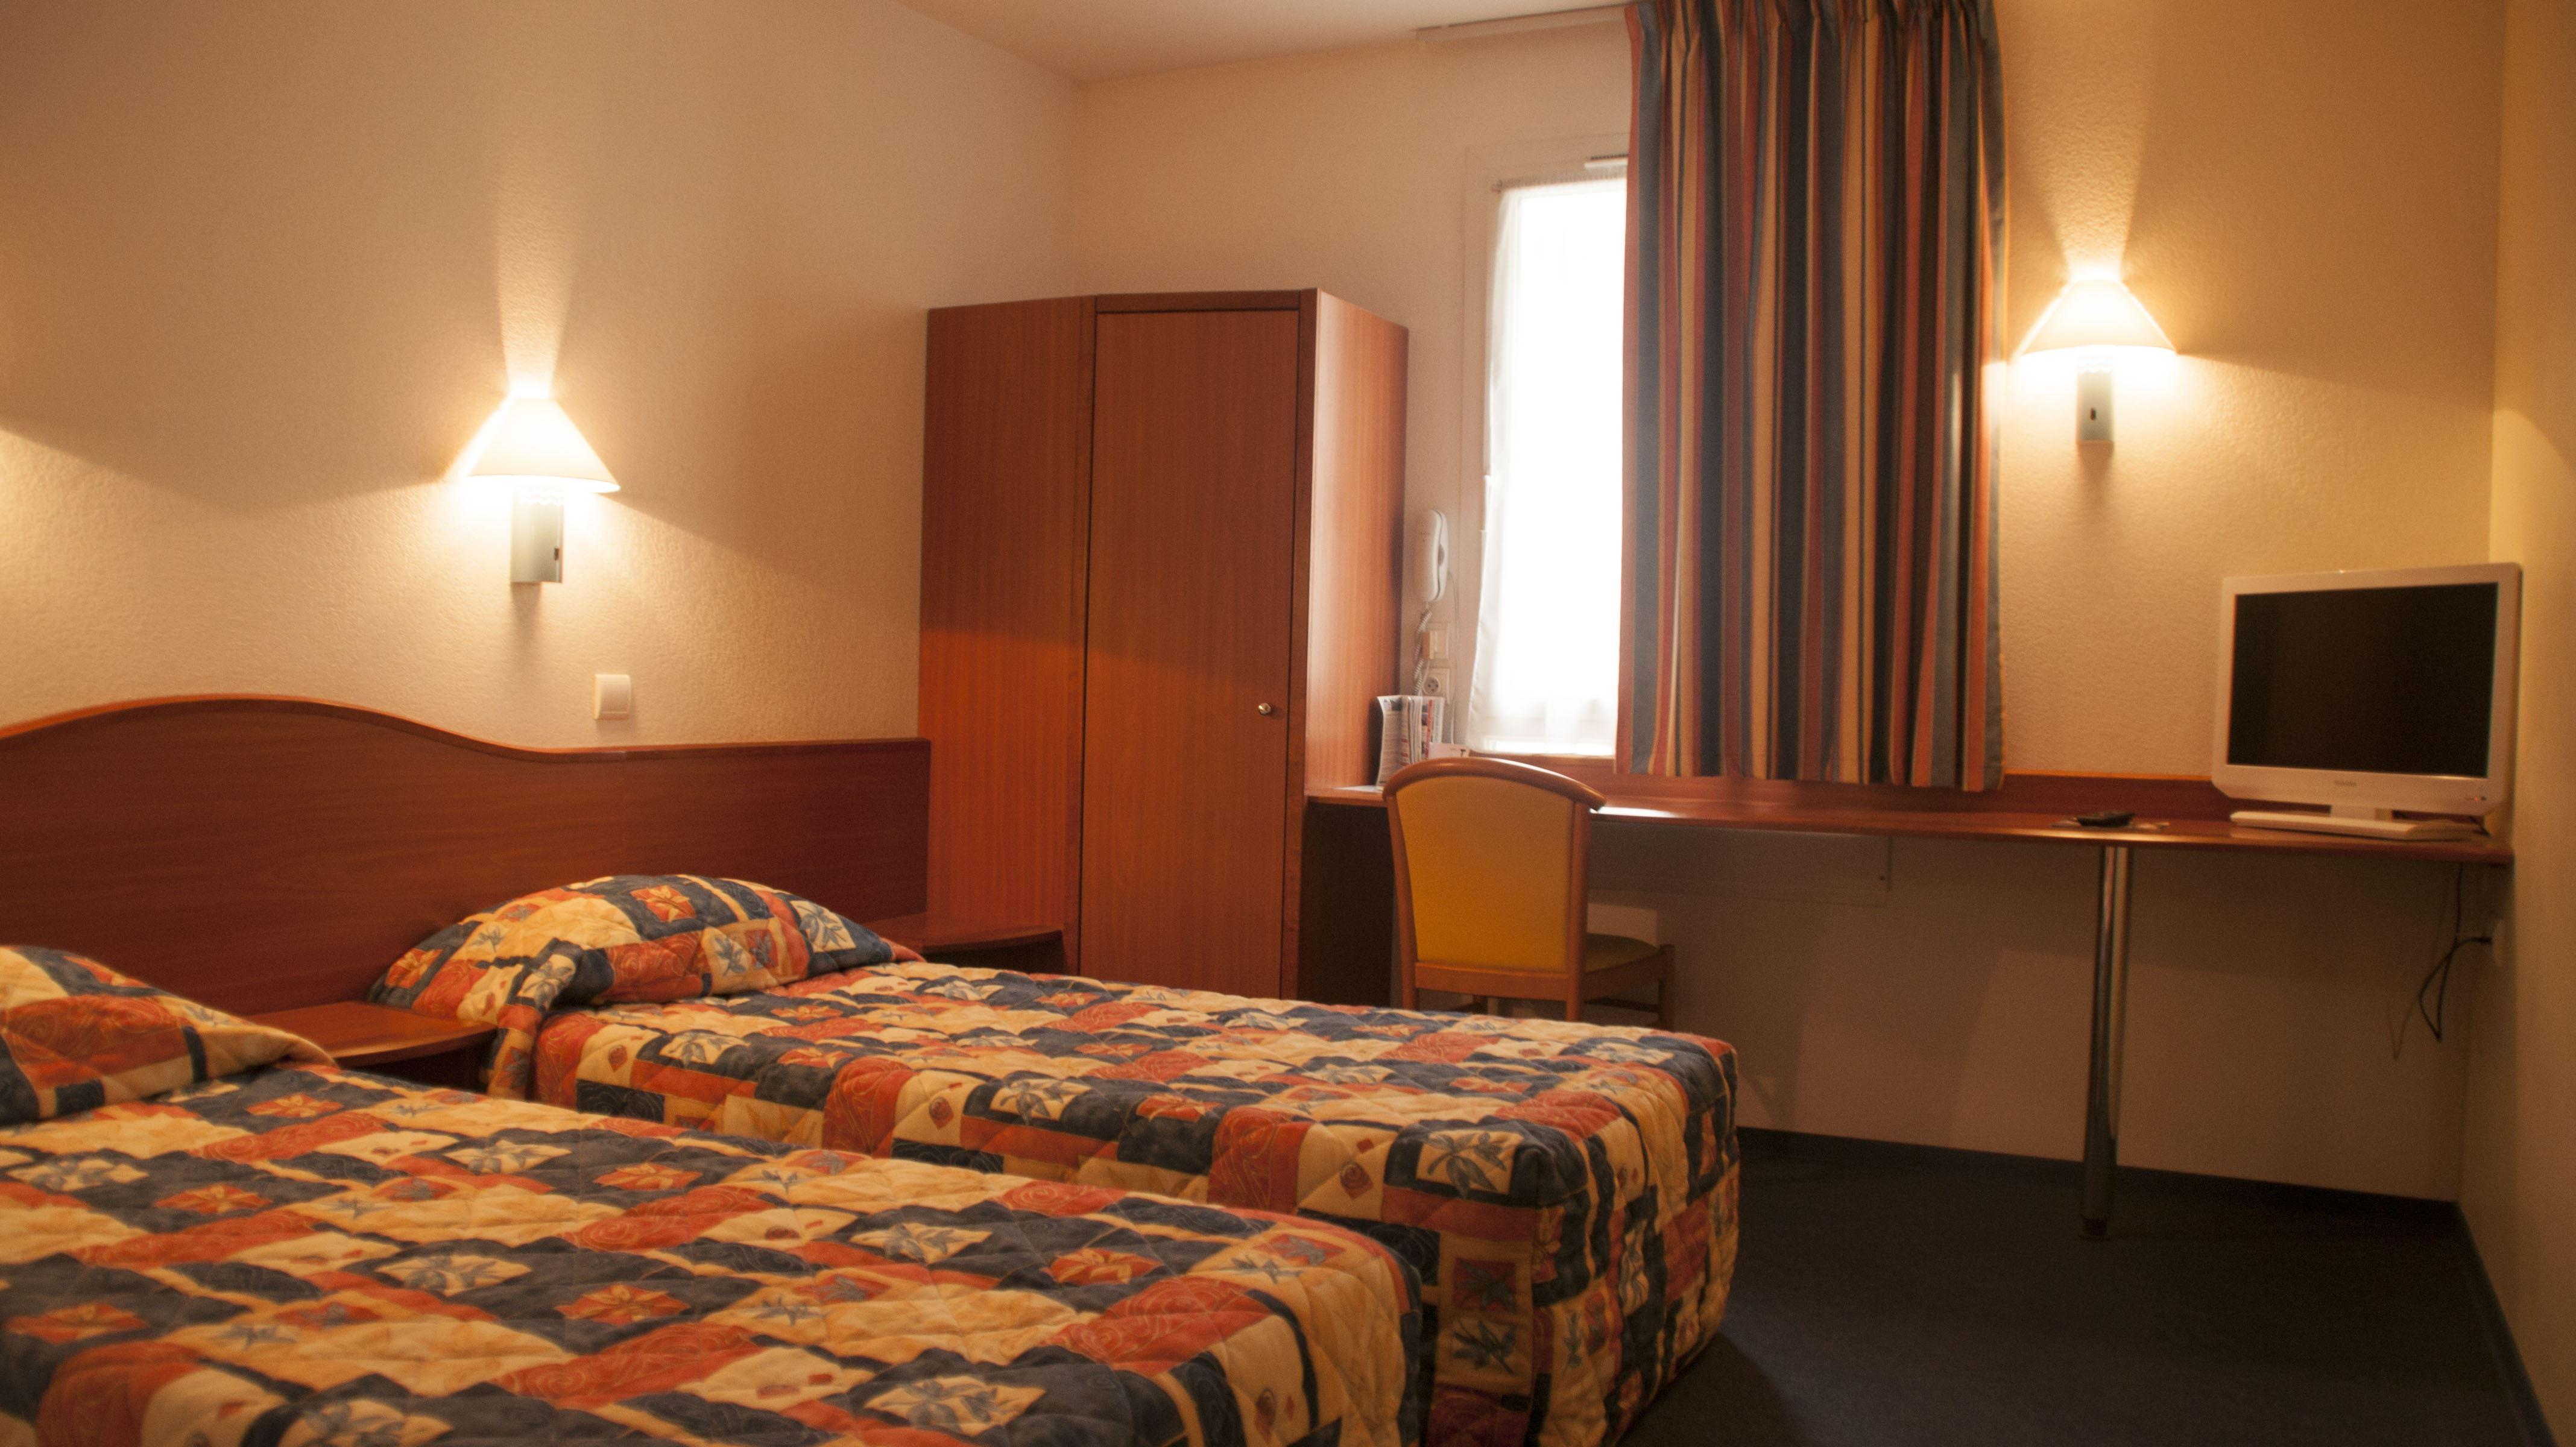 HOTEL DELTOUR BOURRAN